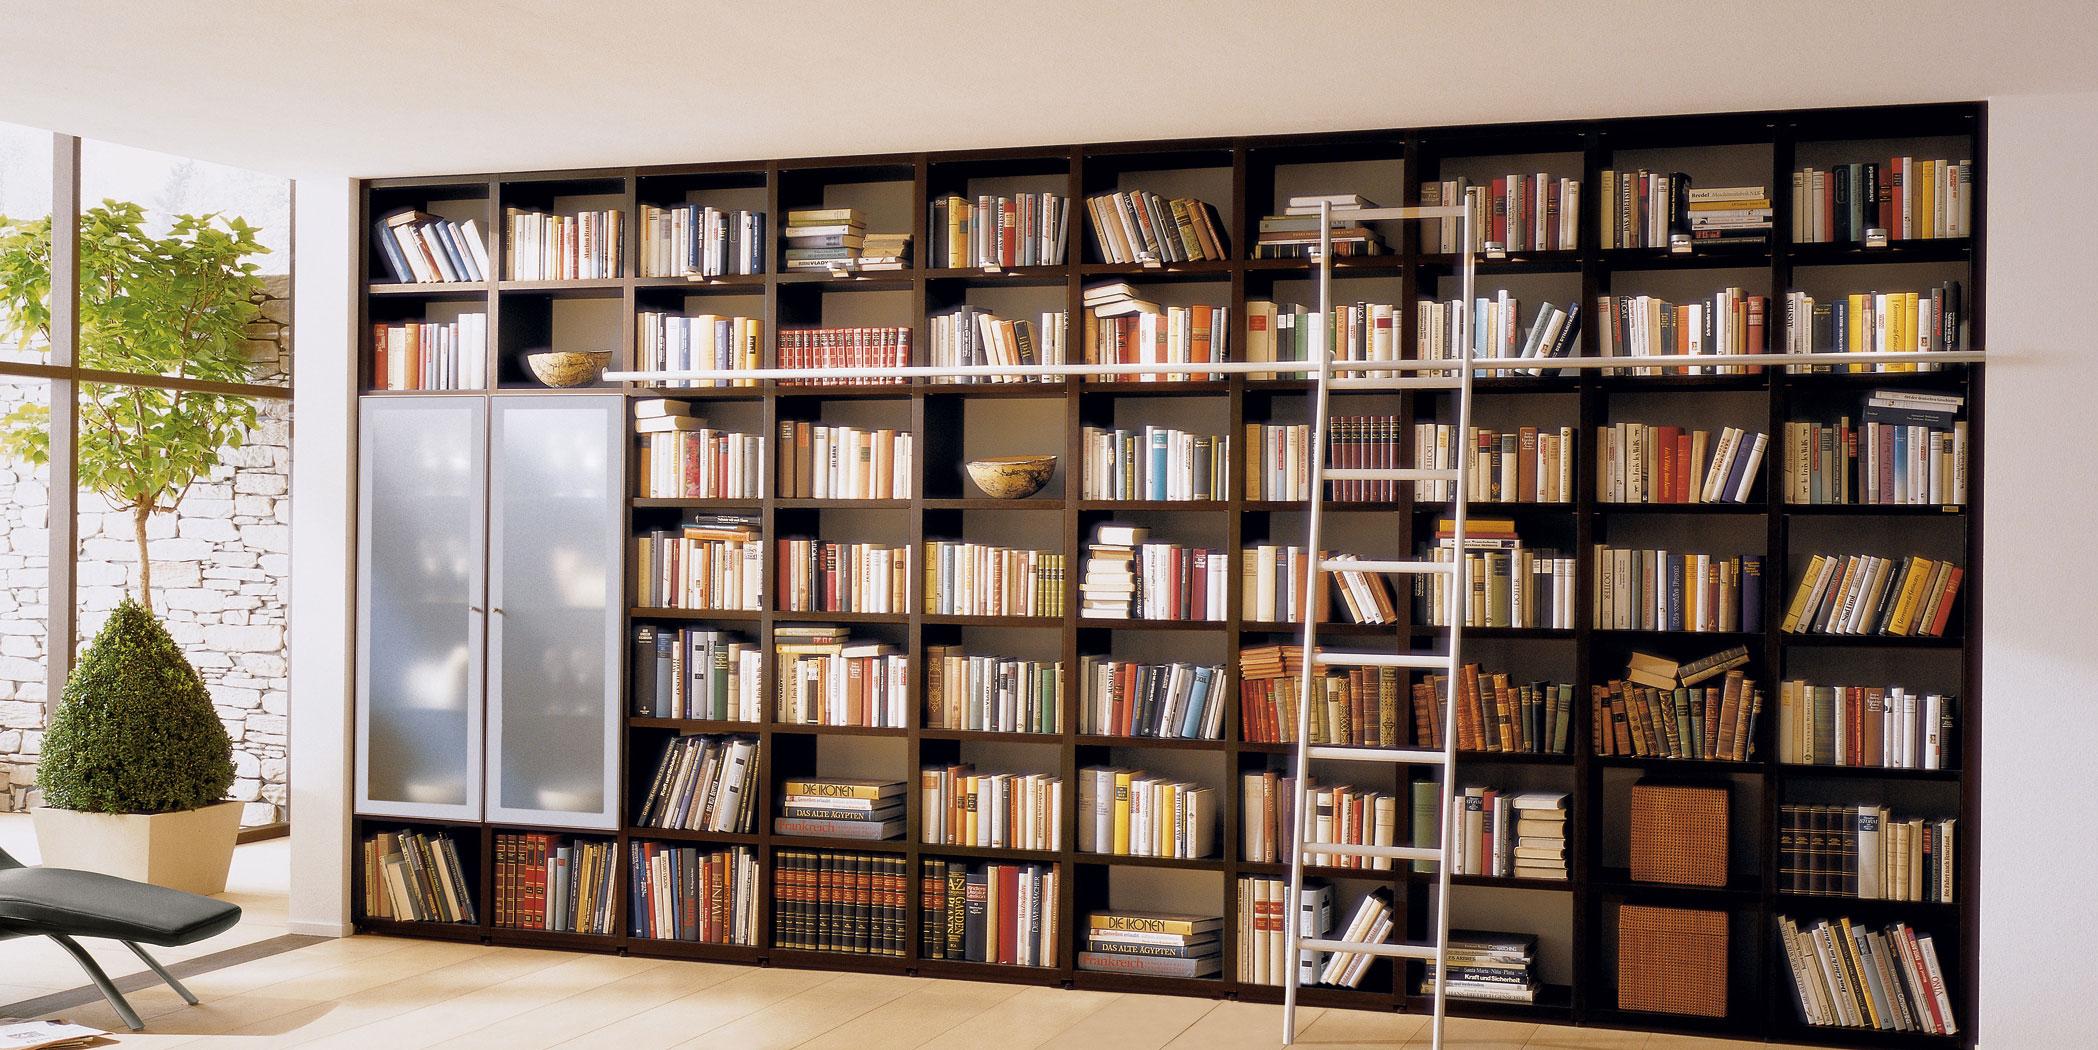 Книжный шкаф на заказ - куплю, продам в Челябинске - бесплат.